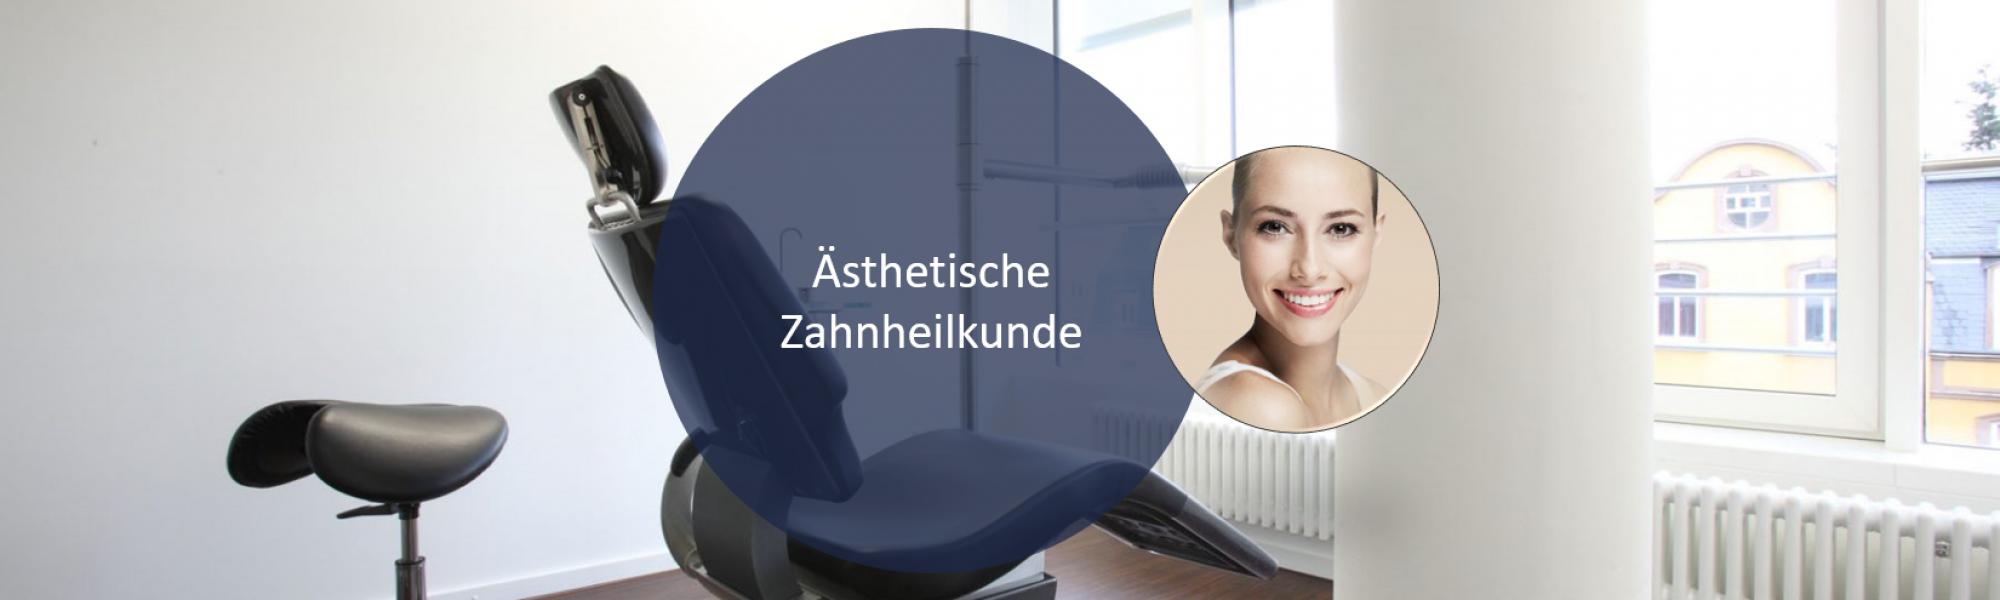 Ästhetische Zahnheilkunde bei Groisman & Laube in Frankfurt